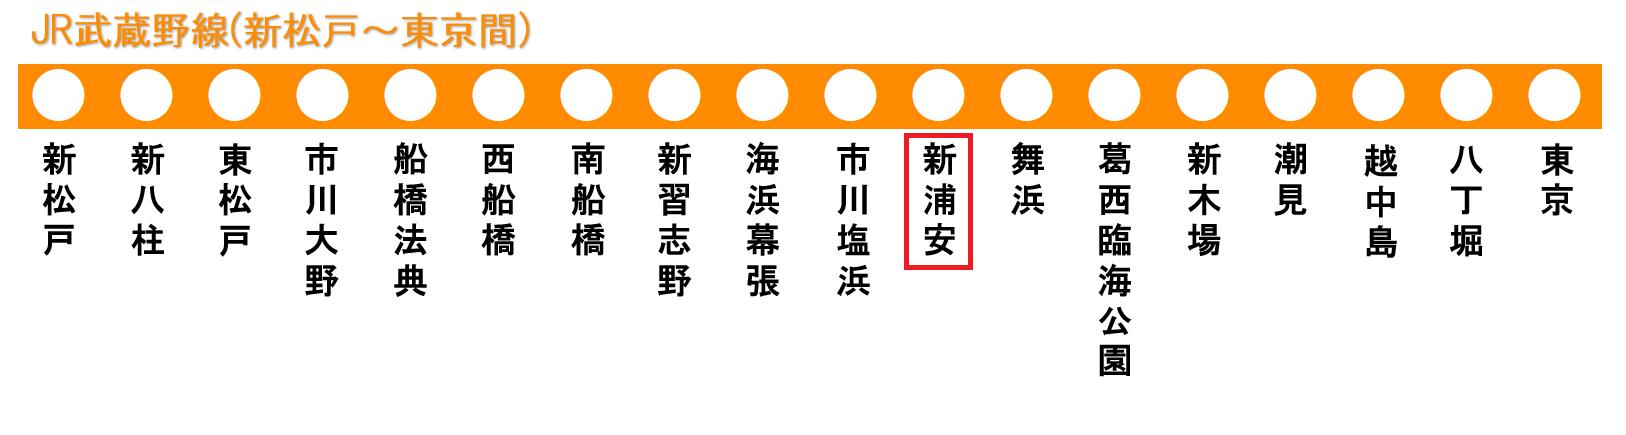 JR武蔵野線の路線図(新浦安駅)